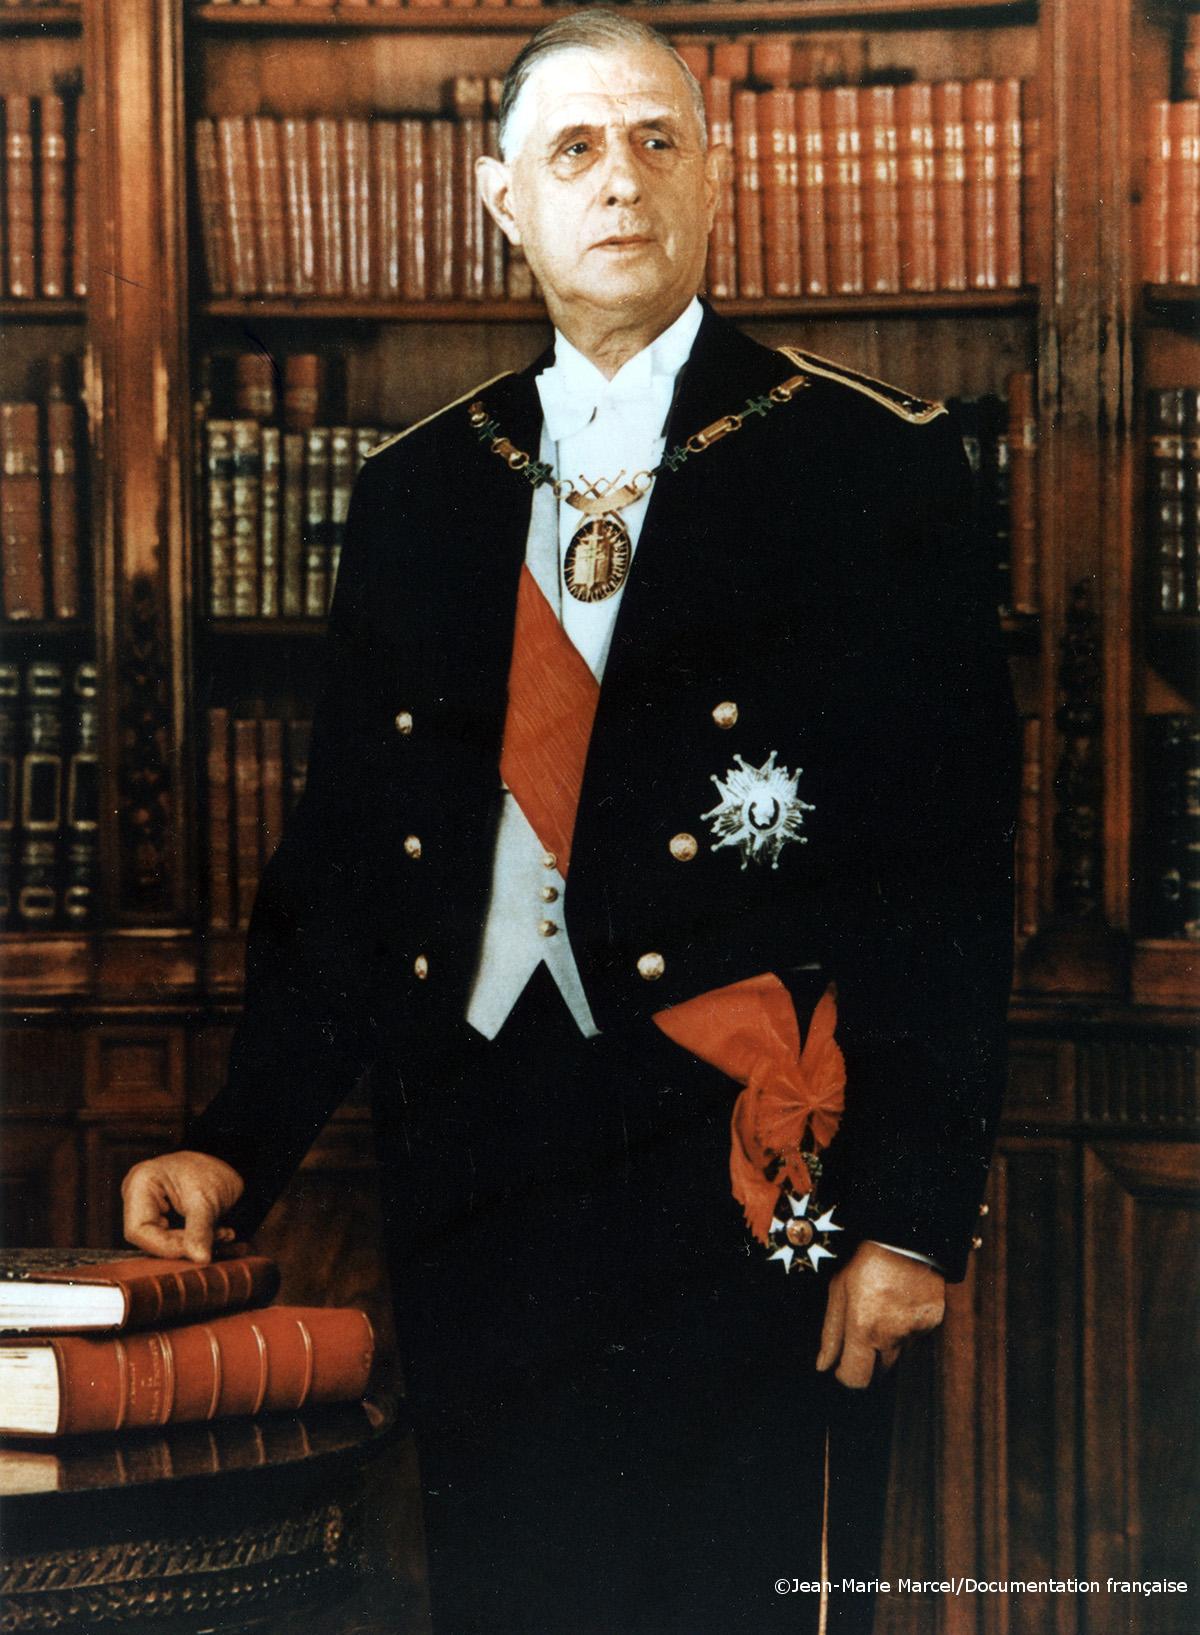 08/01/1959 : De Gaulle prend ses fonctions de Président de la République